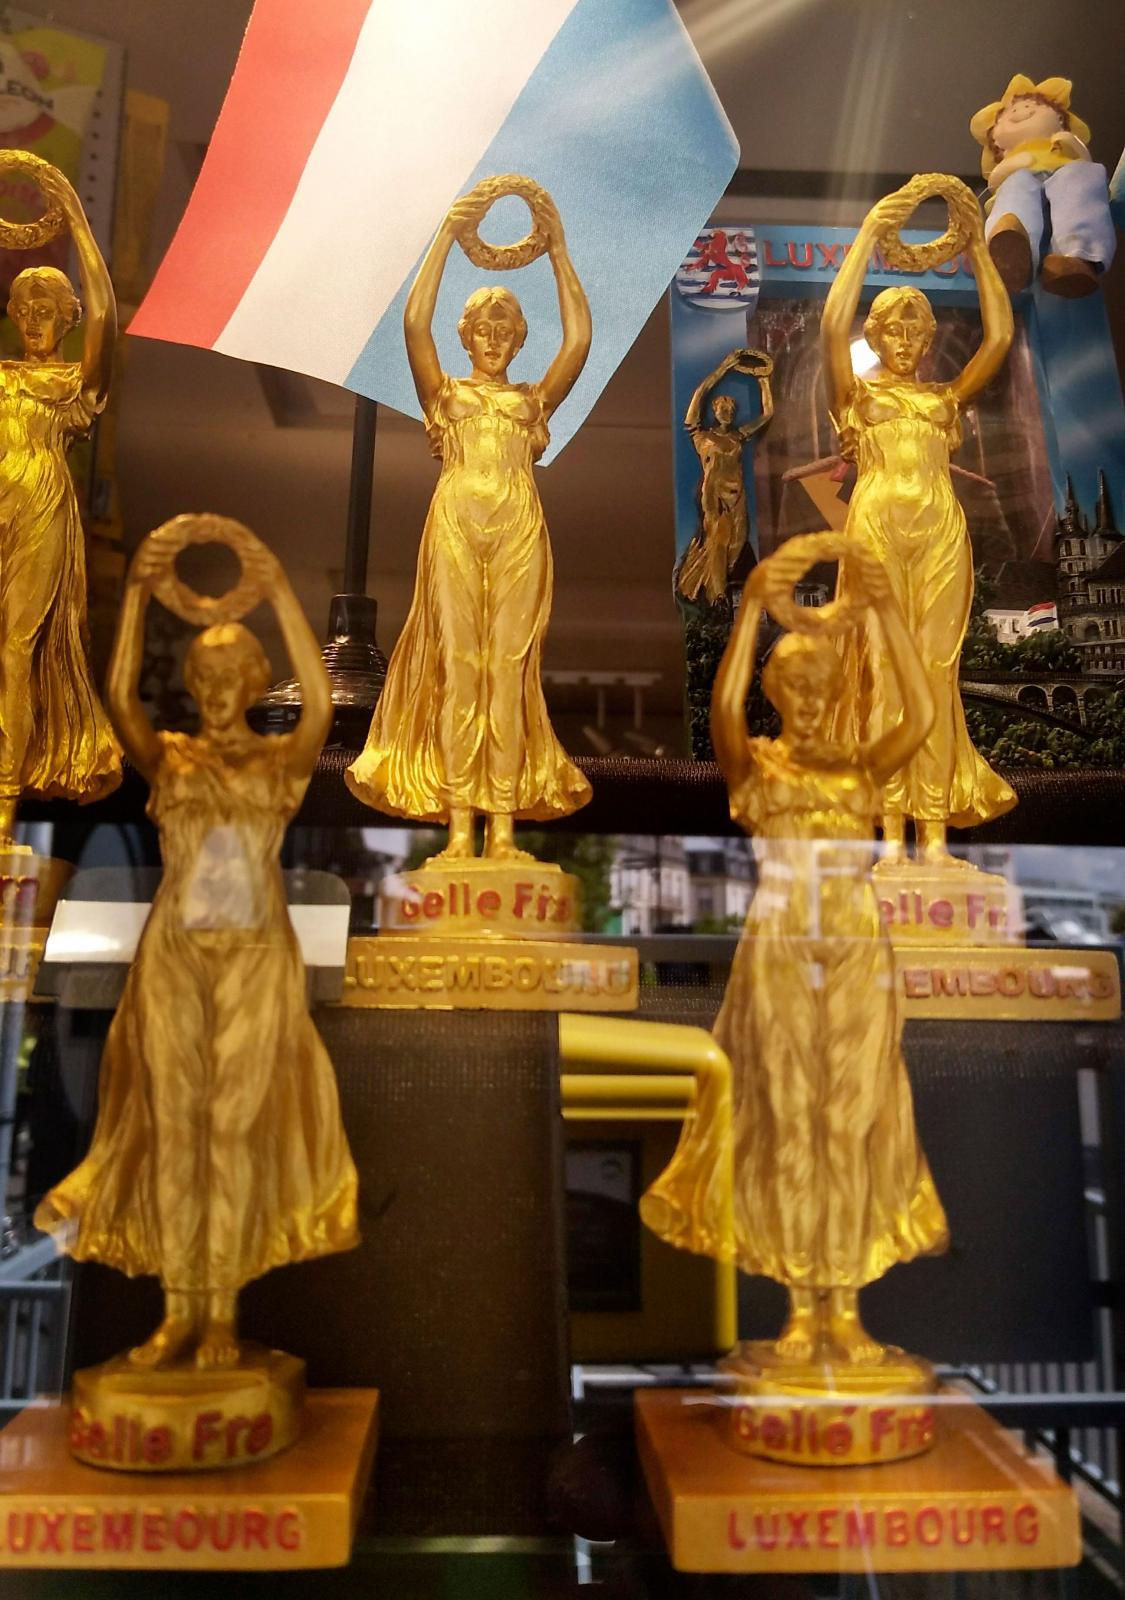 Souvenirbutiker finns i alla större städer och så förstås även i Luxemburg där du kan köpa kylskåpsmagneter, klistermärken och små statyetter.